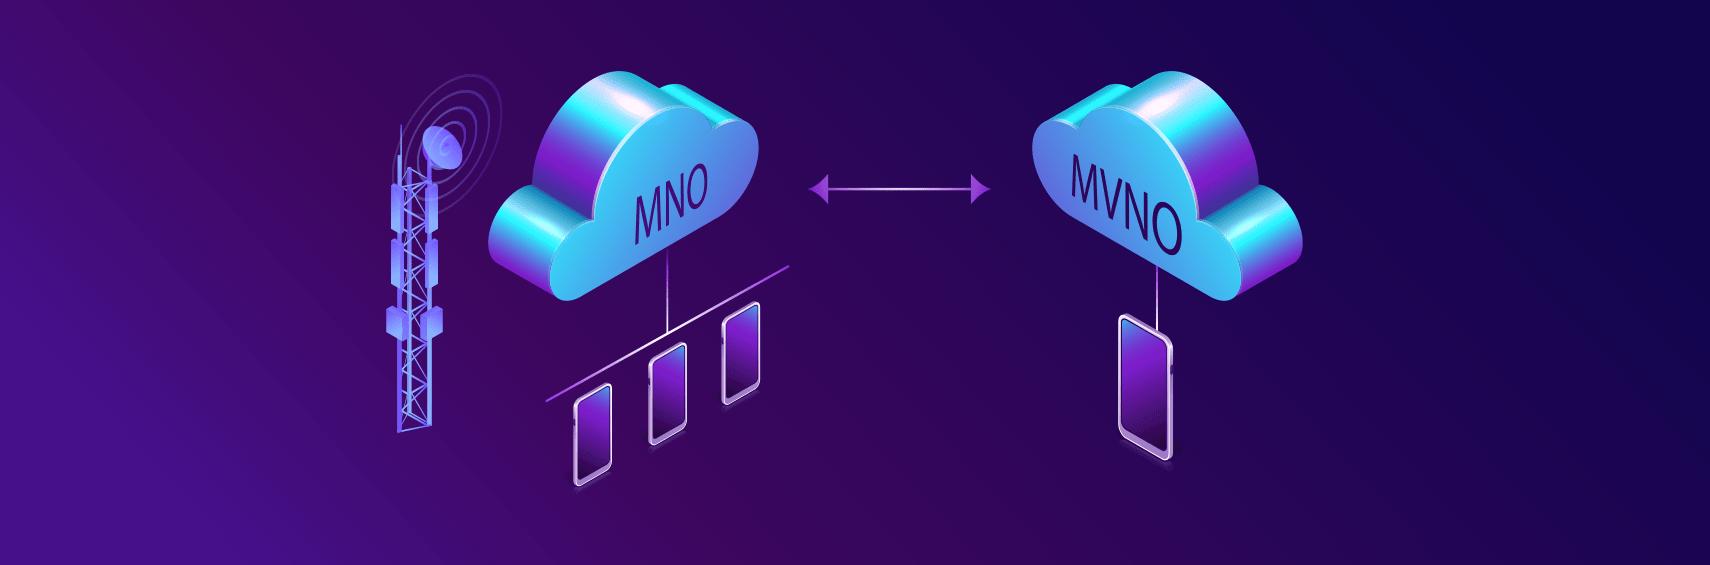 Sistema de facturación para MVNO/MVNE